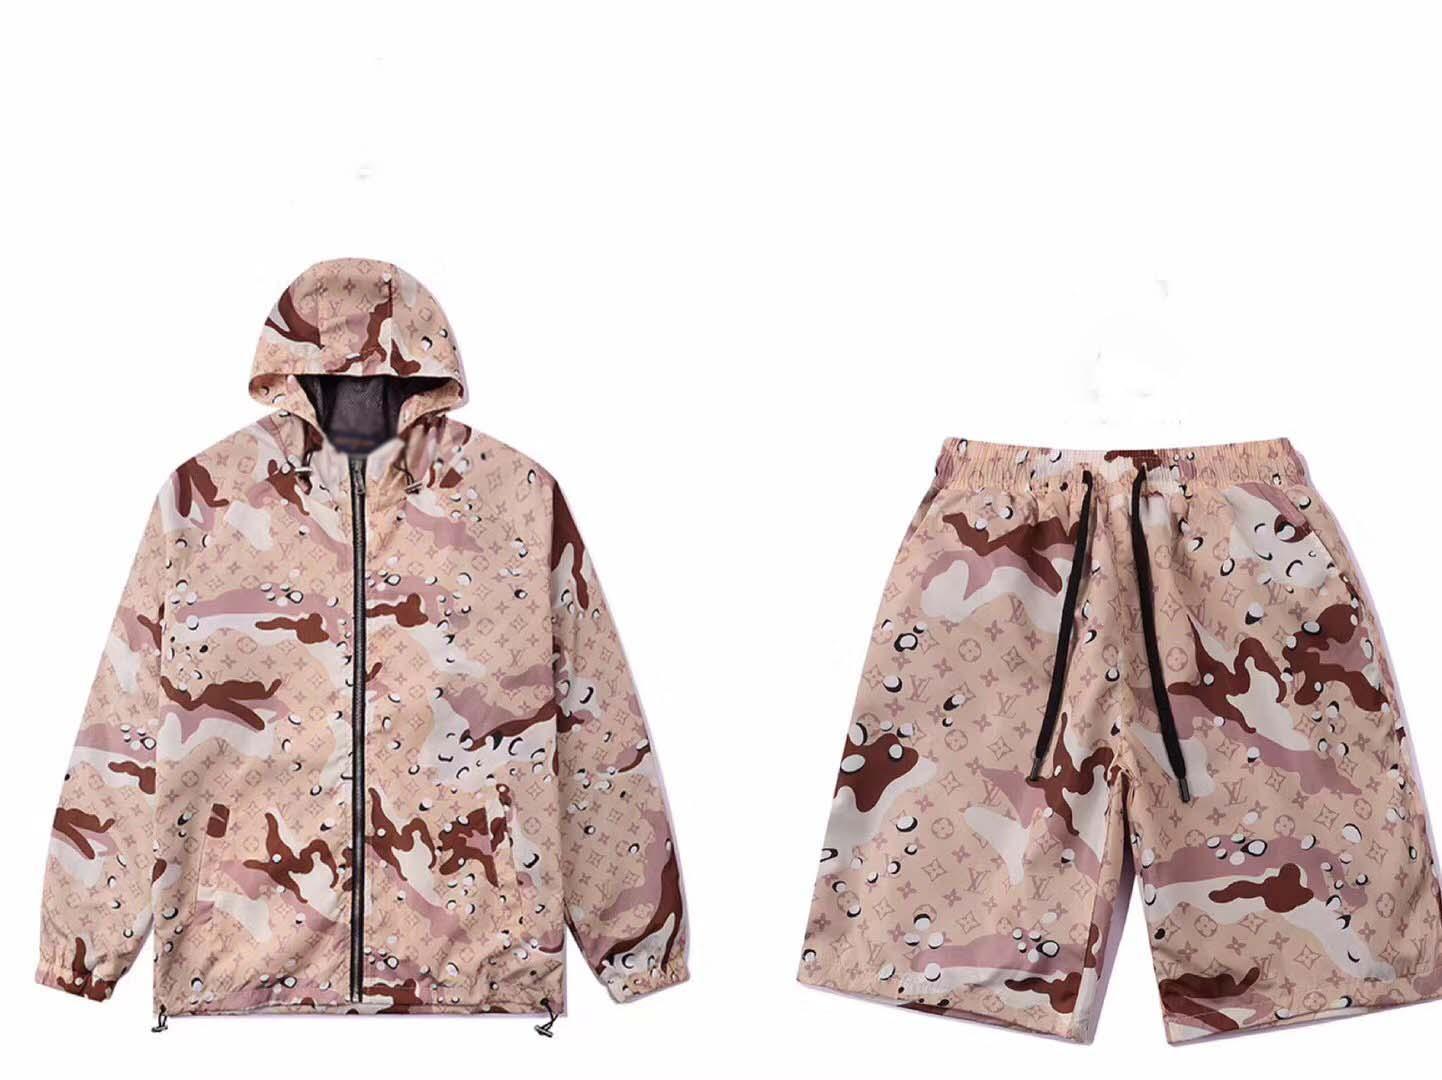 2020 diseñador de traje de chaqueta deportiva de moda correr deportes de los hombres de manga corta traje de ropa deportiva carta de juego delgado de la medusa lux